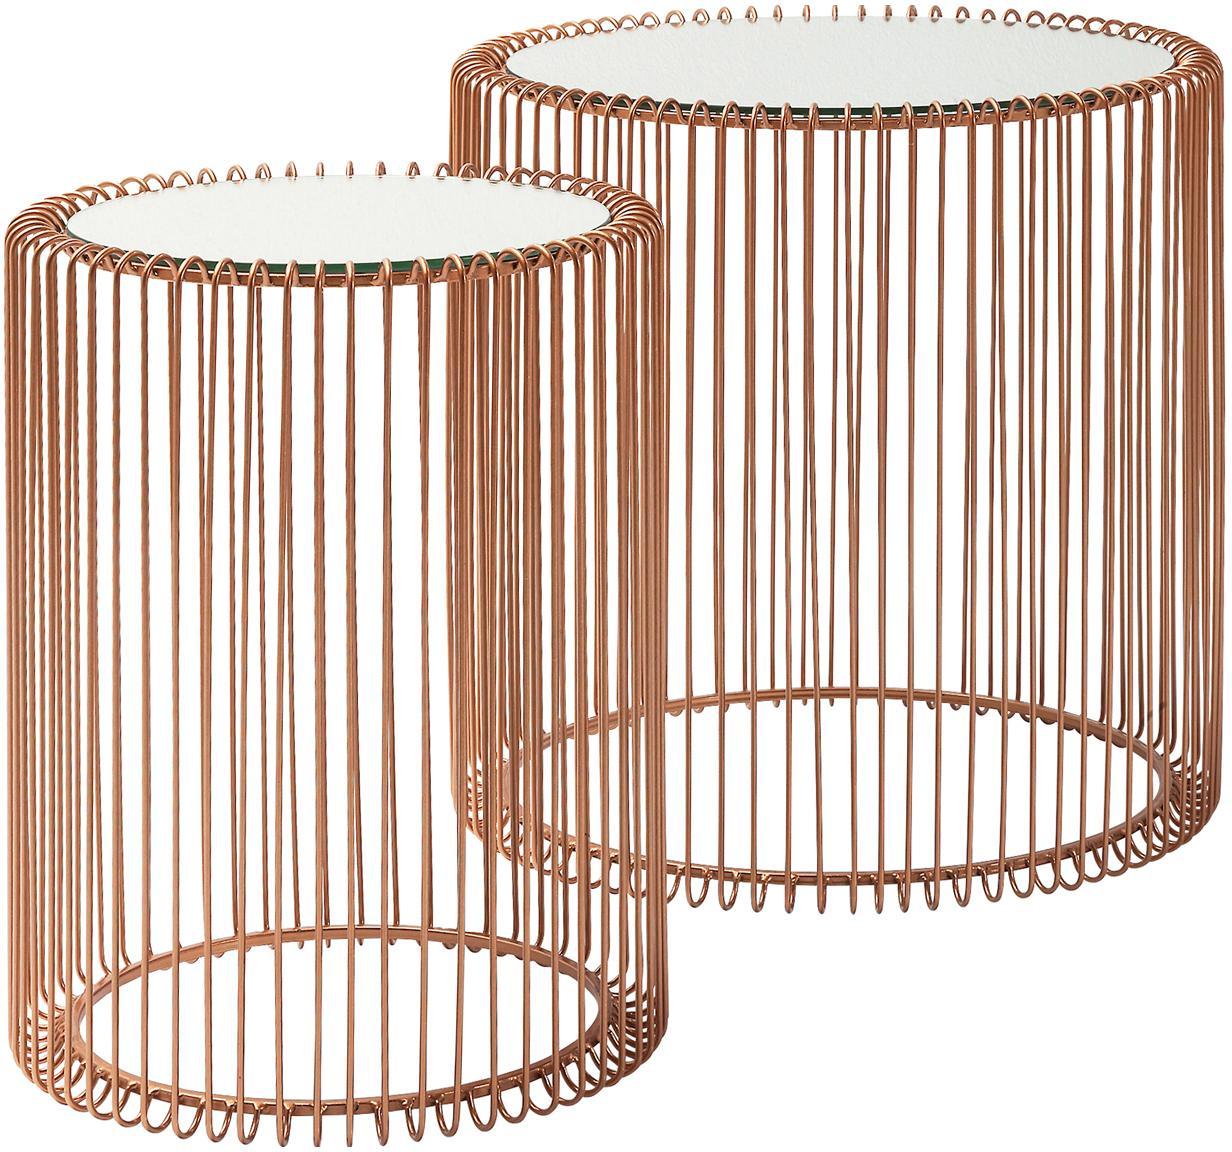 Metall-Beistelltisch 2er-Set Wire mit Glasplatte, Gestell: Metall, pulverbeschichtet, Tischplatte: Sicherheitsglas, foliert, Kupfer, Sondergrößen